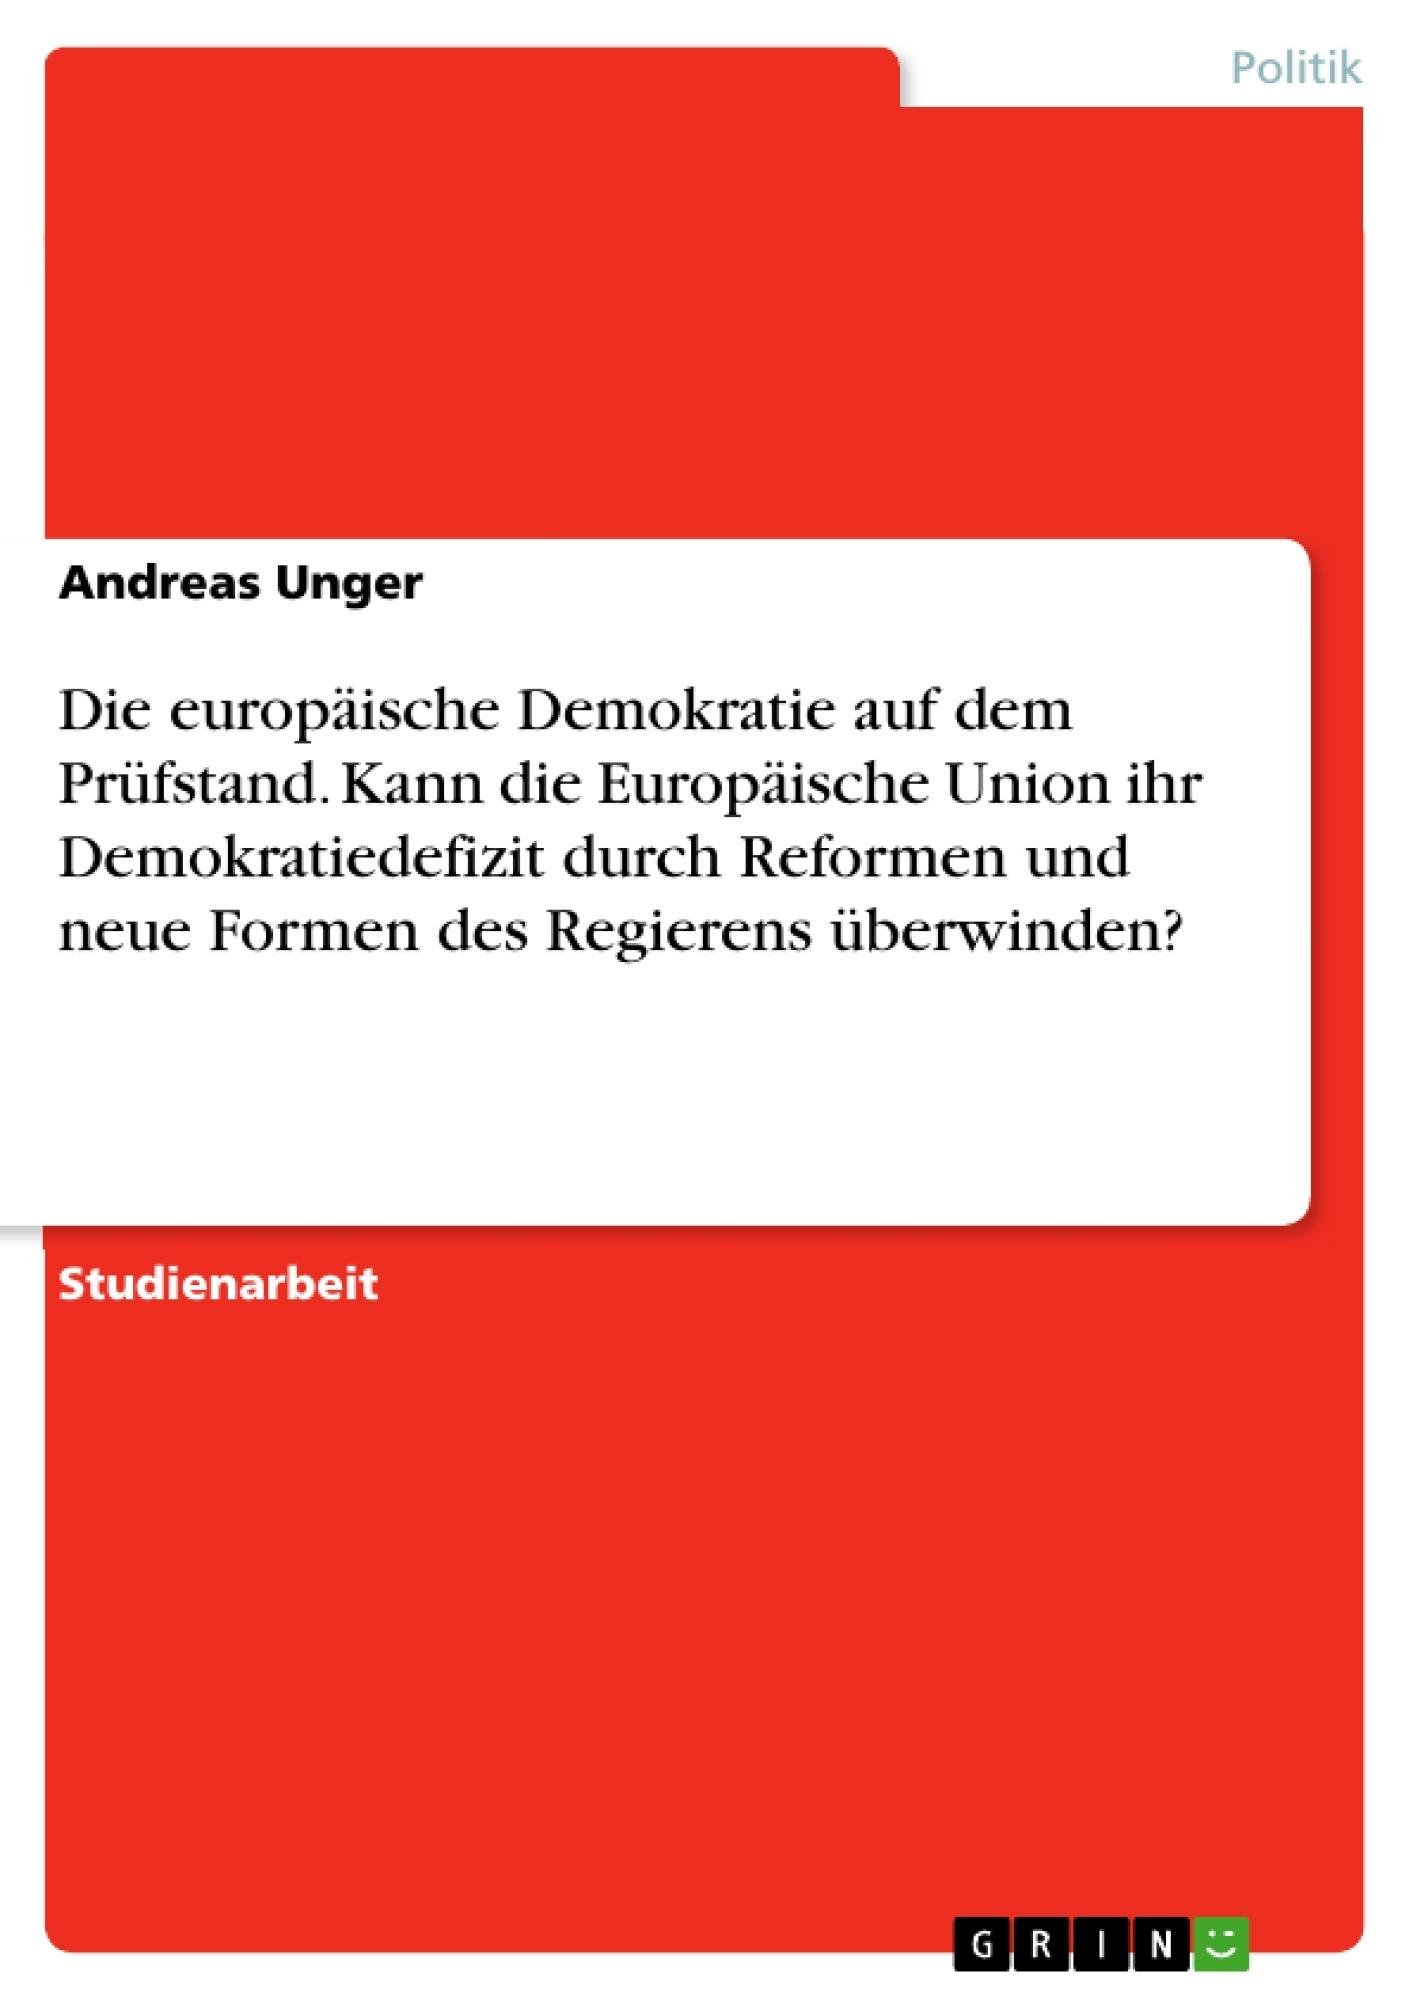 Titel: Die europäische Demokratie auf dem Prüfstand. Kann die Europäische Union ihr Demokratiedefizit durch Reformen und neue Formen des Regierens überwinden?